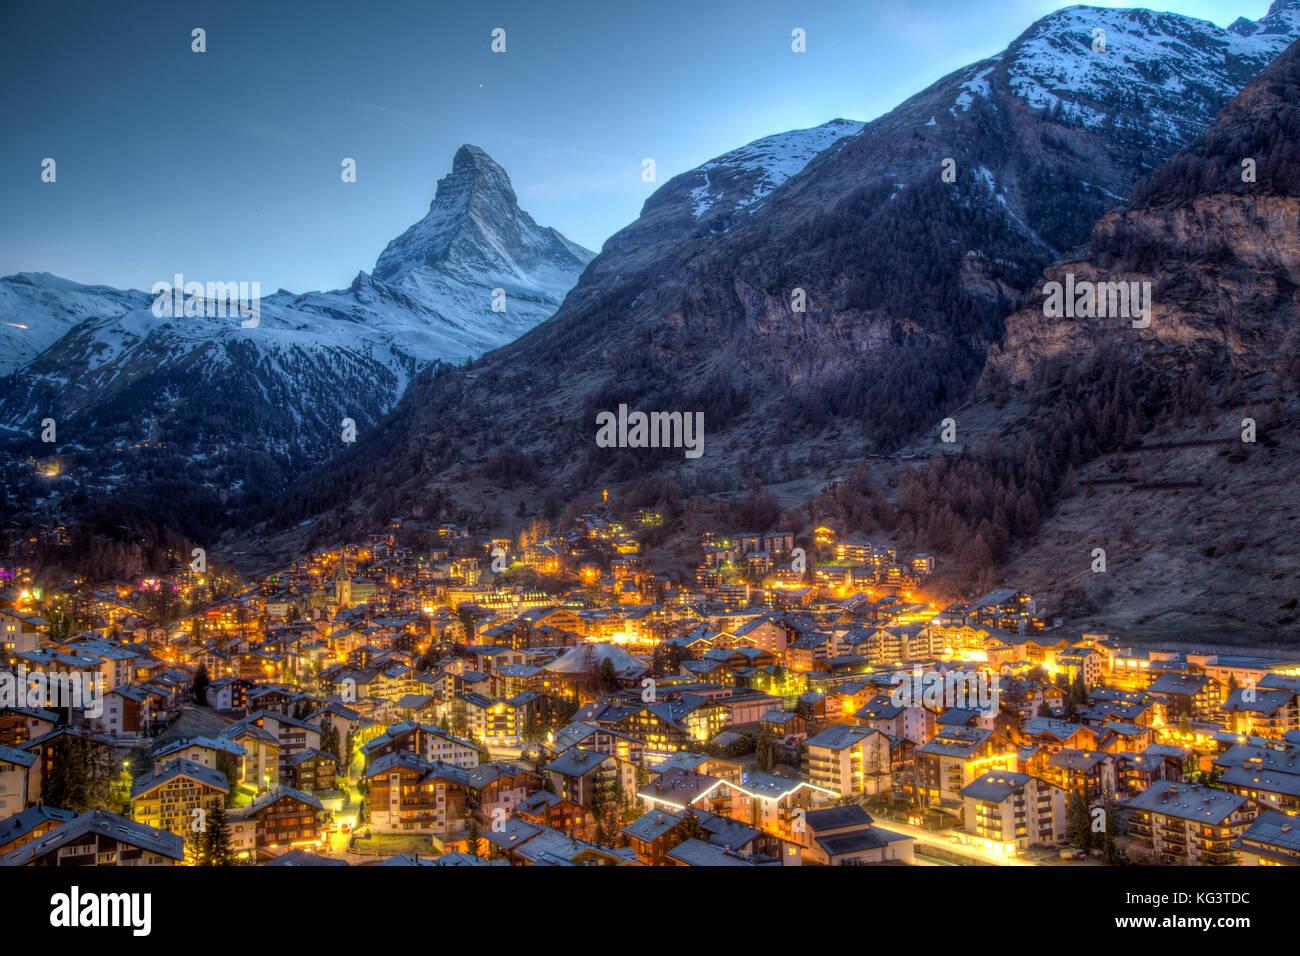 Und das Matterhorn Zermatt anzeigen Stockbild